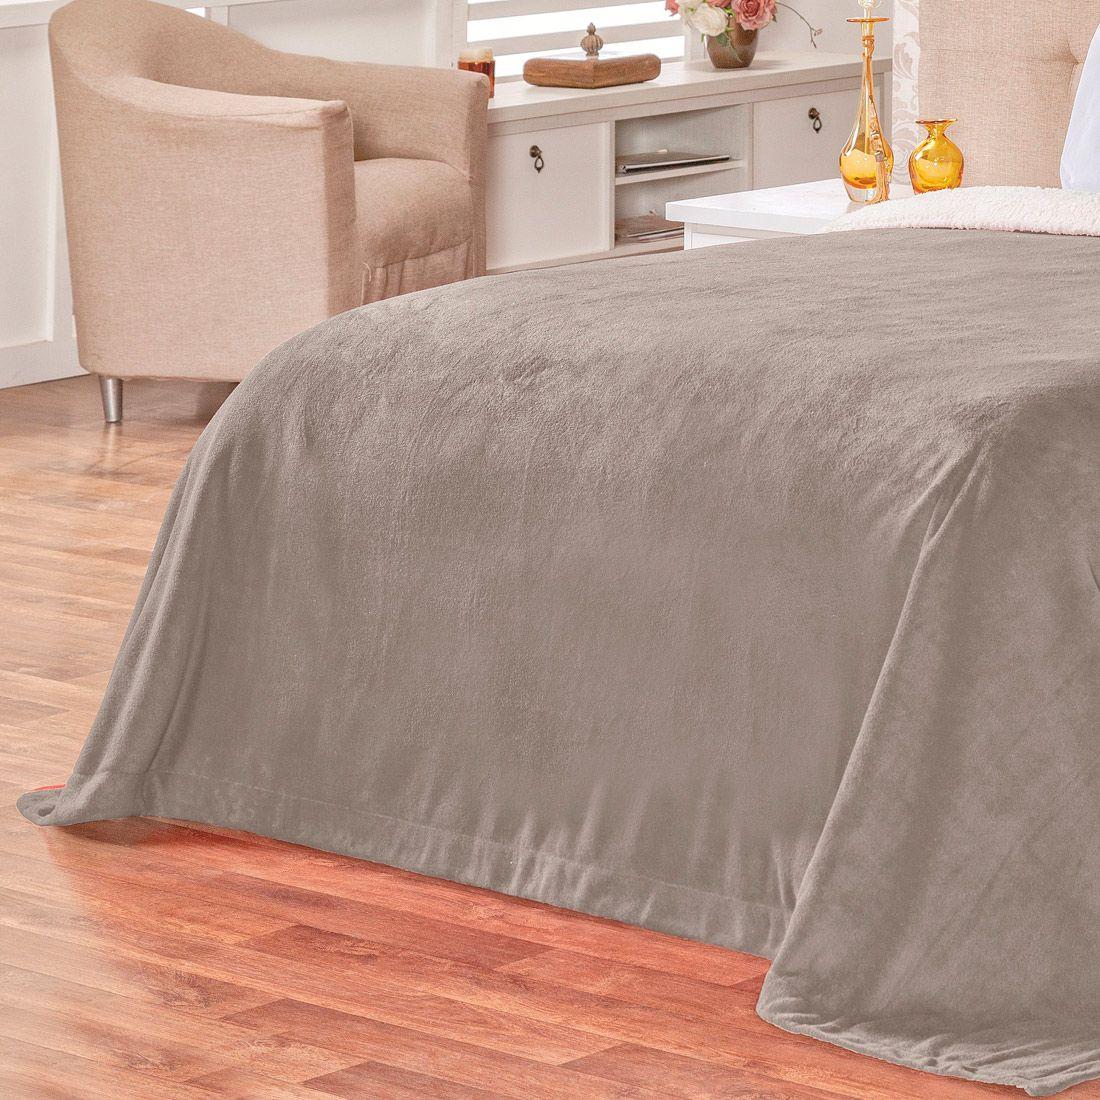 Cobertor Malmo Cinza Dupla Face King - Tecido Sherpa e Manta Microfibra